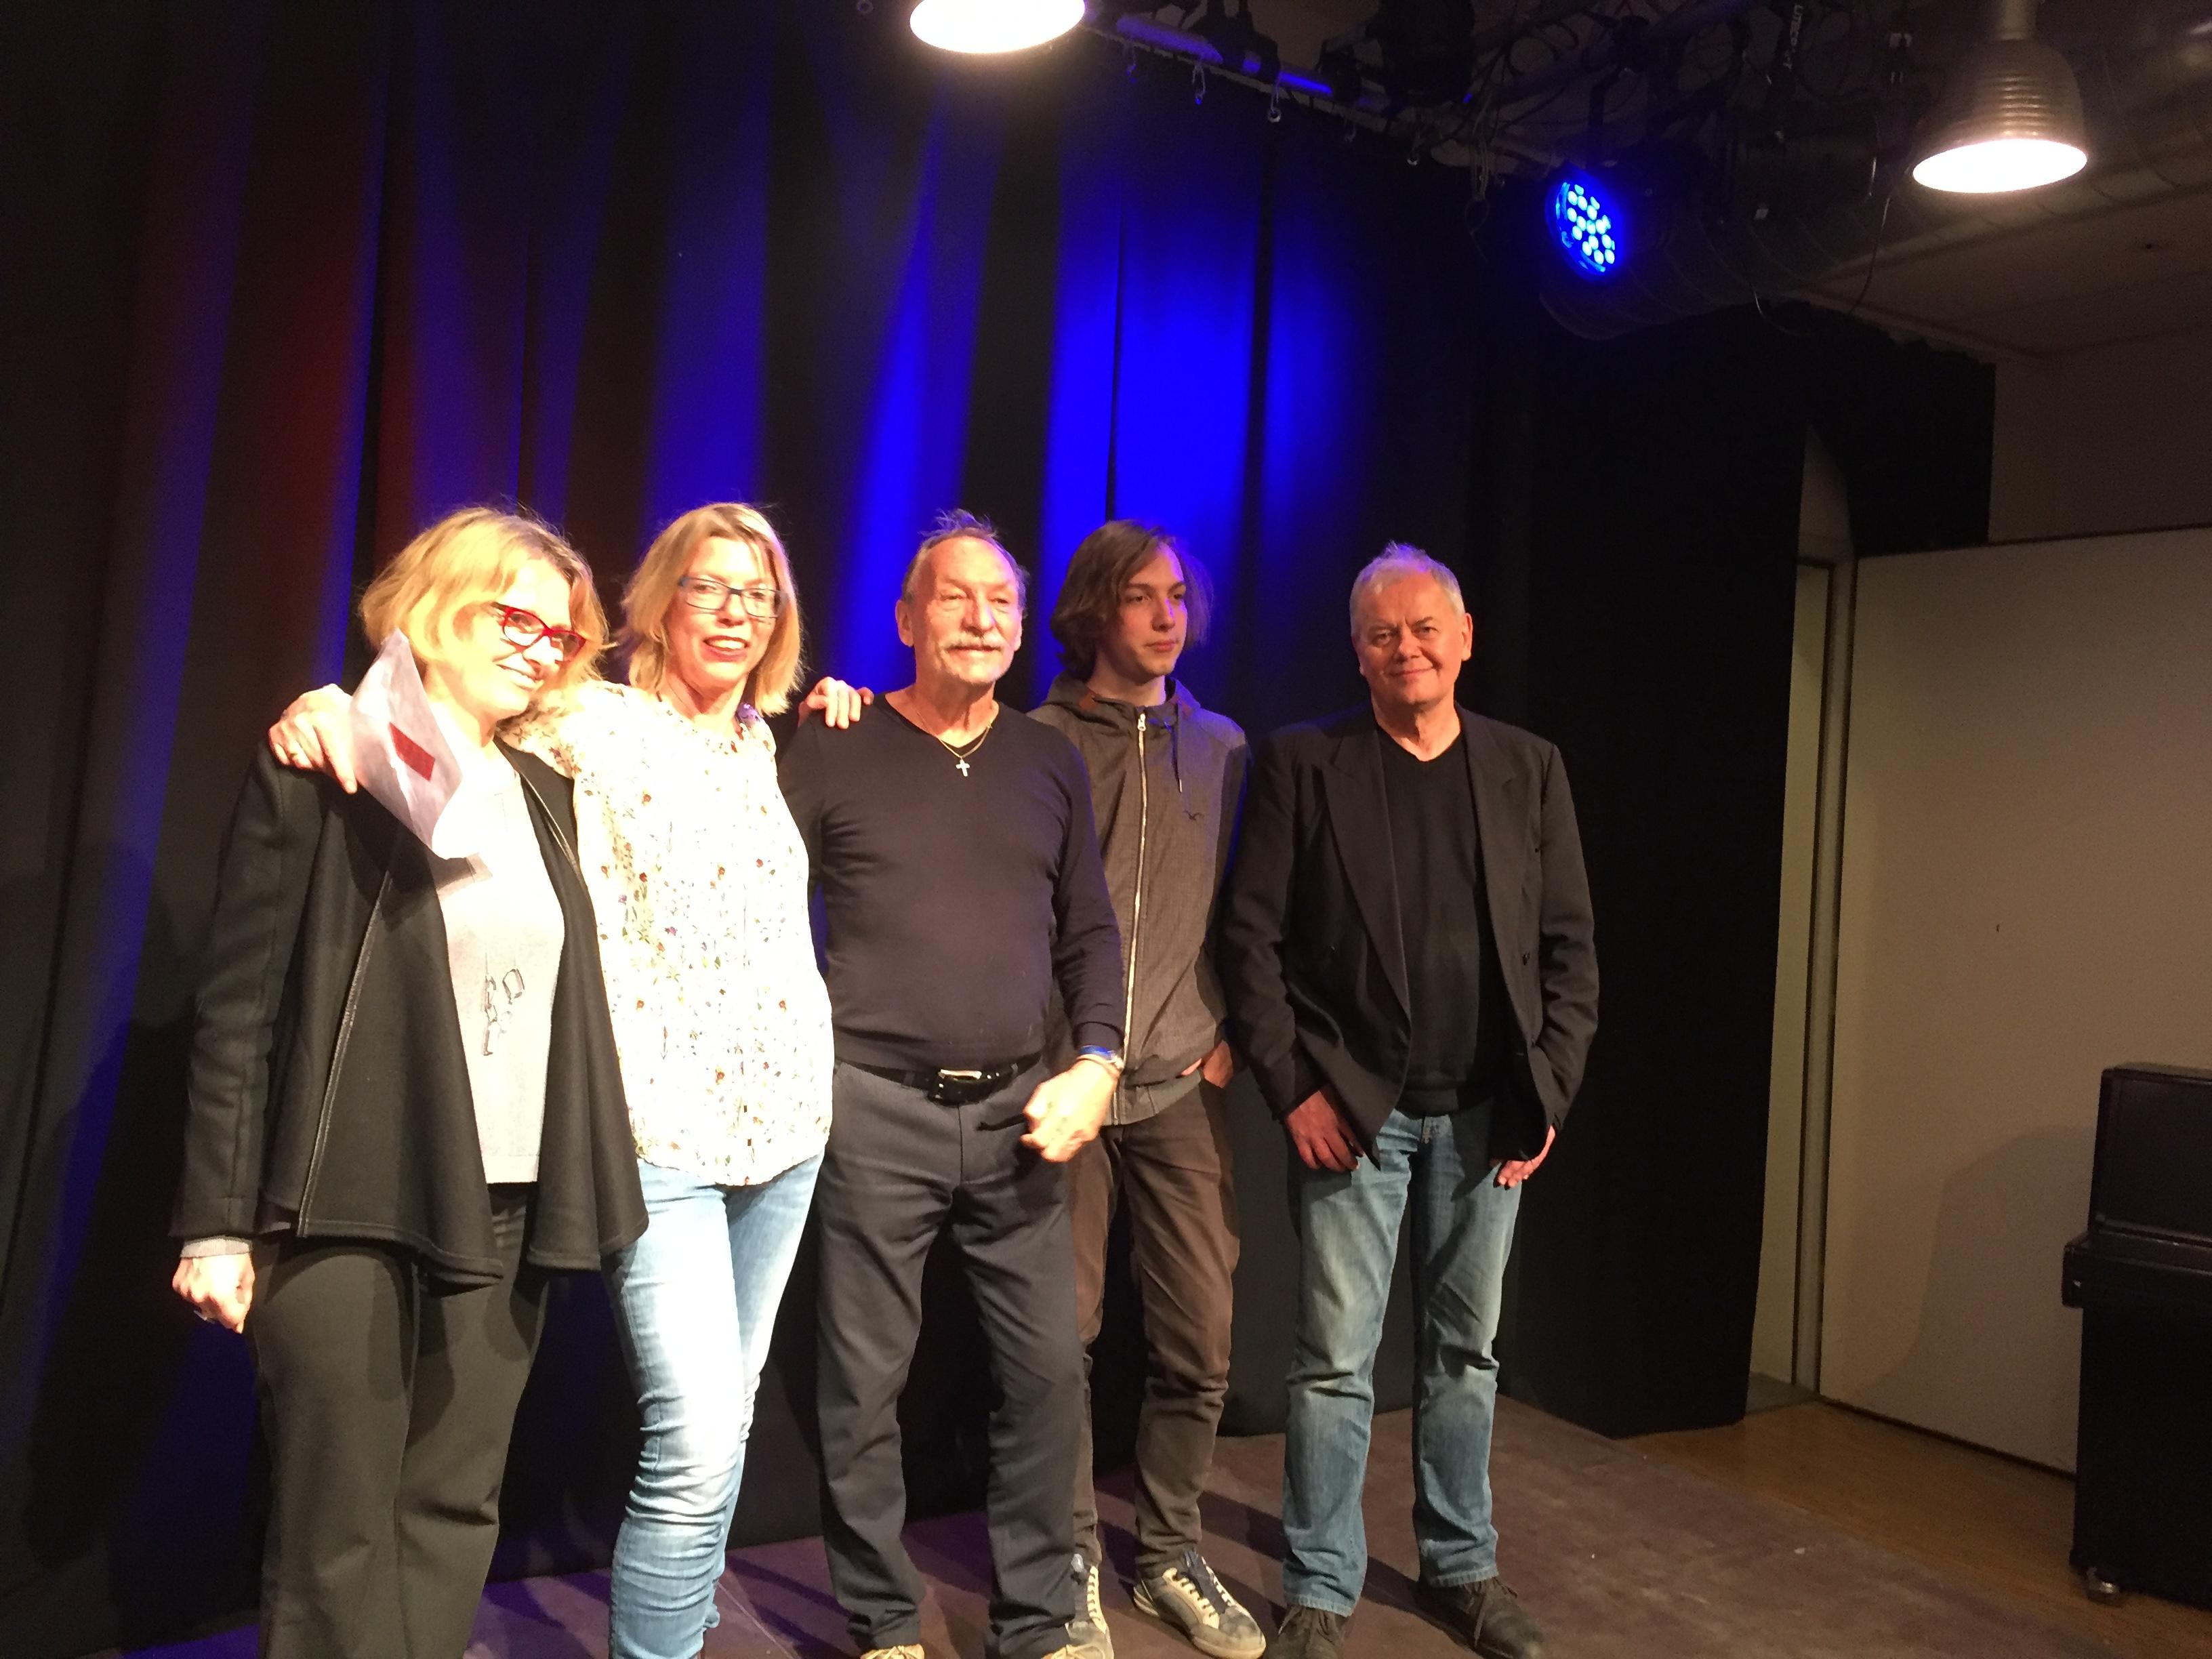 Gruppenfoto mit F.X. Kroetz